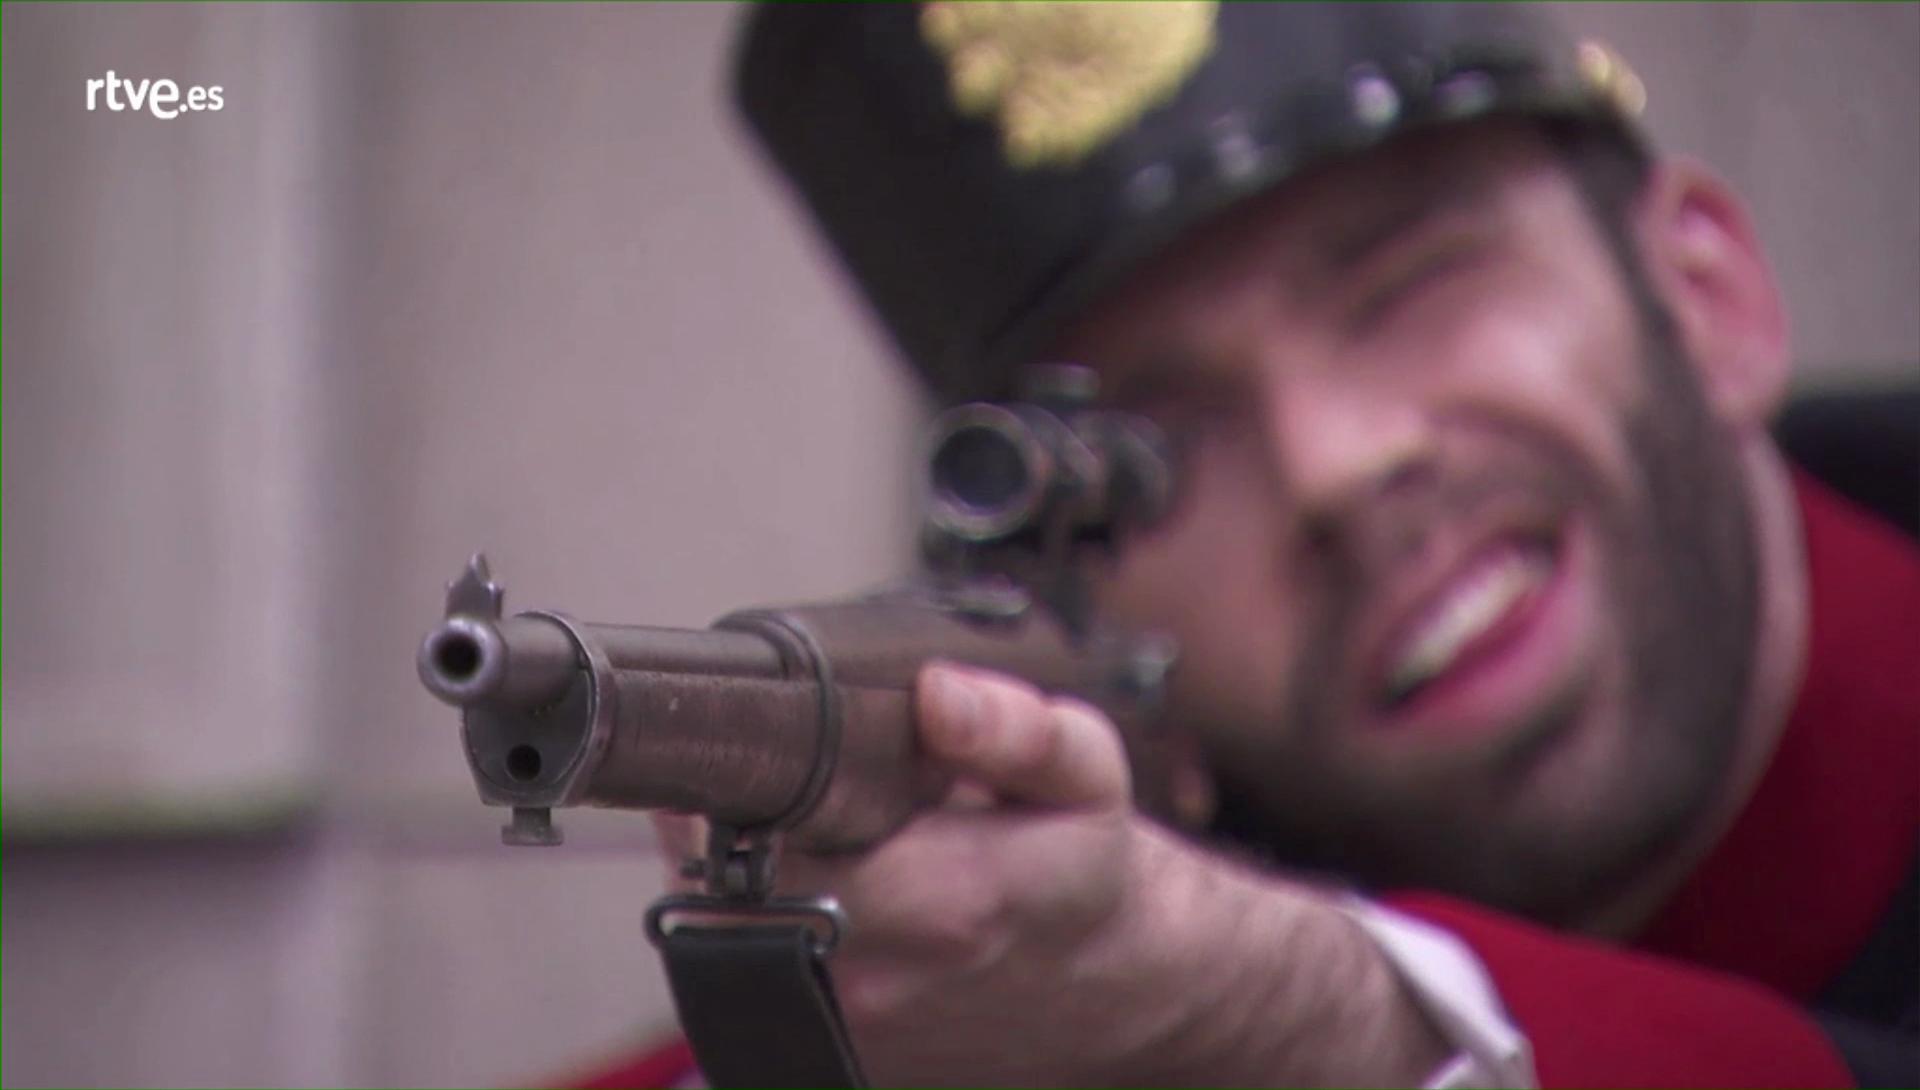 Acacias 38 - ¿Quién habrá recibido el disparo?